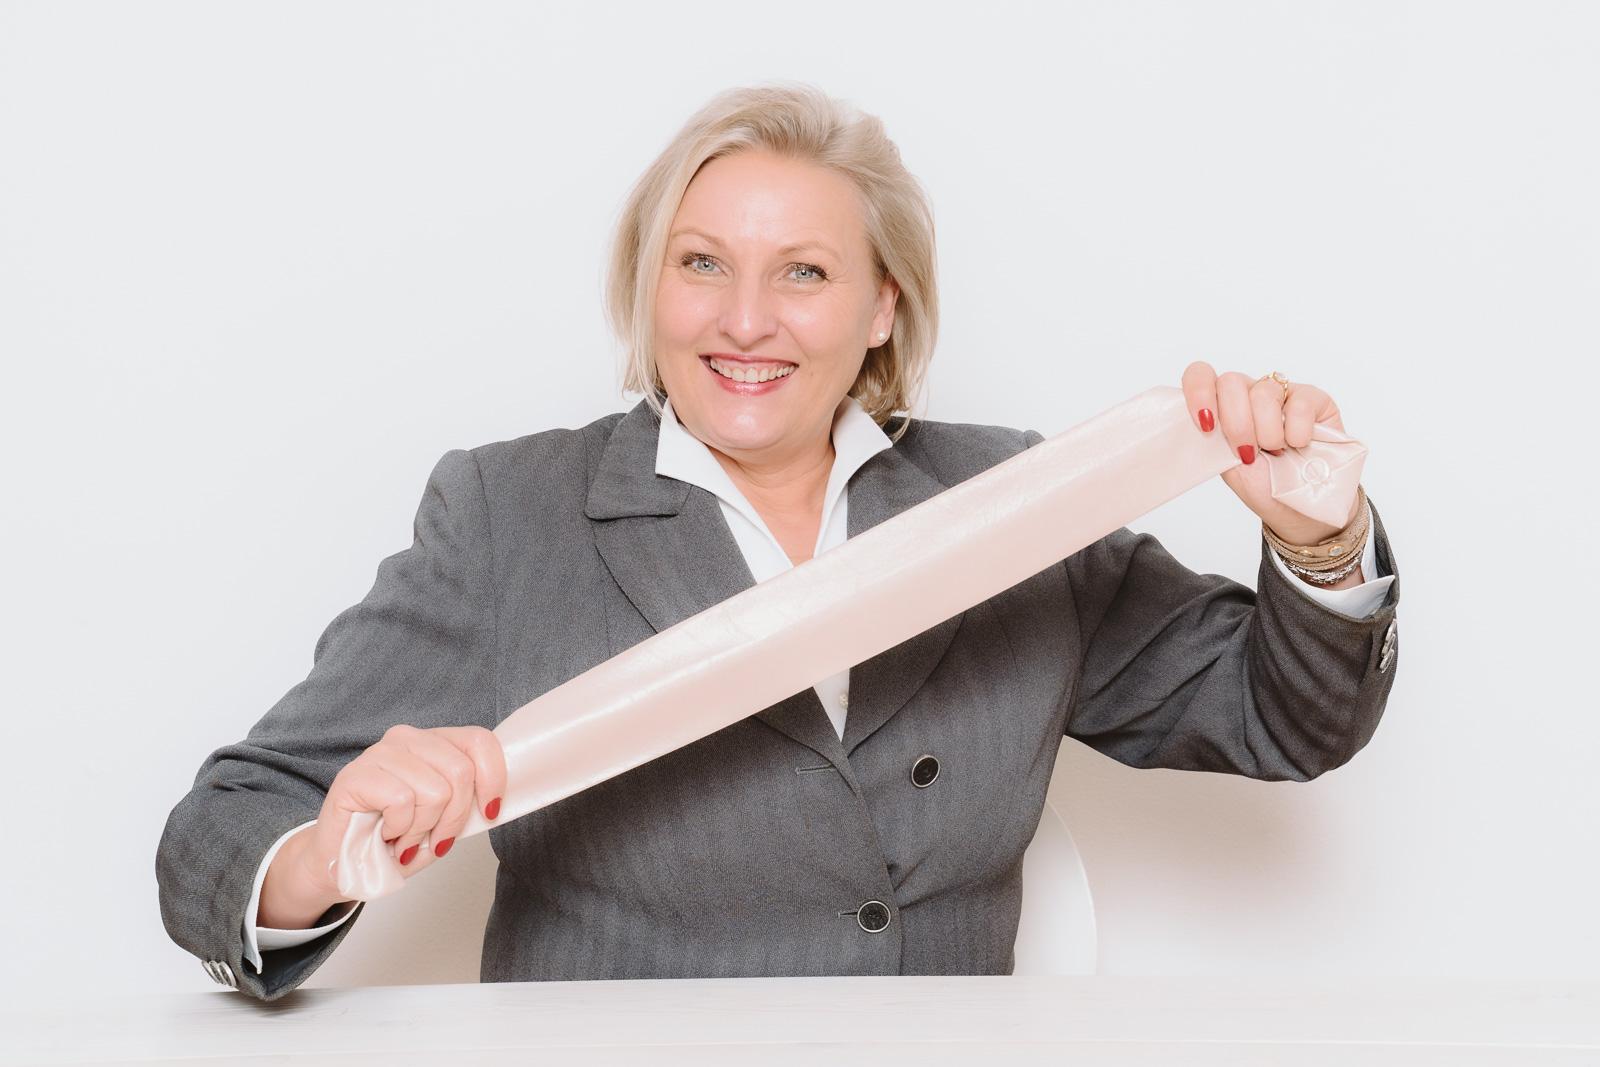 Businessporträts - Logopädin Kerstin Winterboer zeigt- der Knoten ist aus der Zunge - strahlendes Lächeln